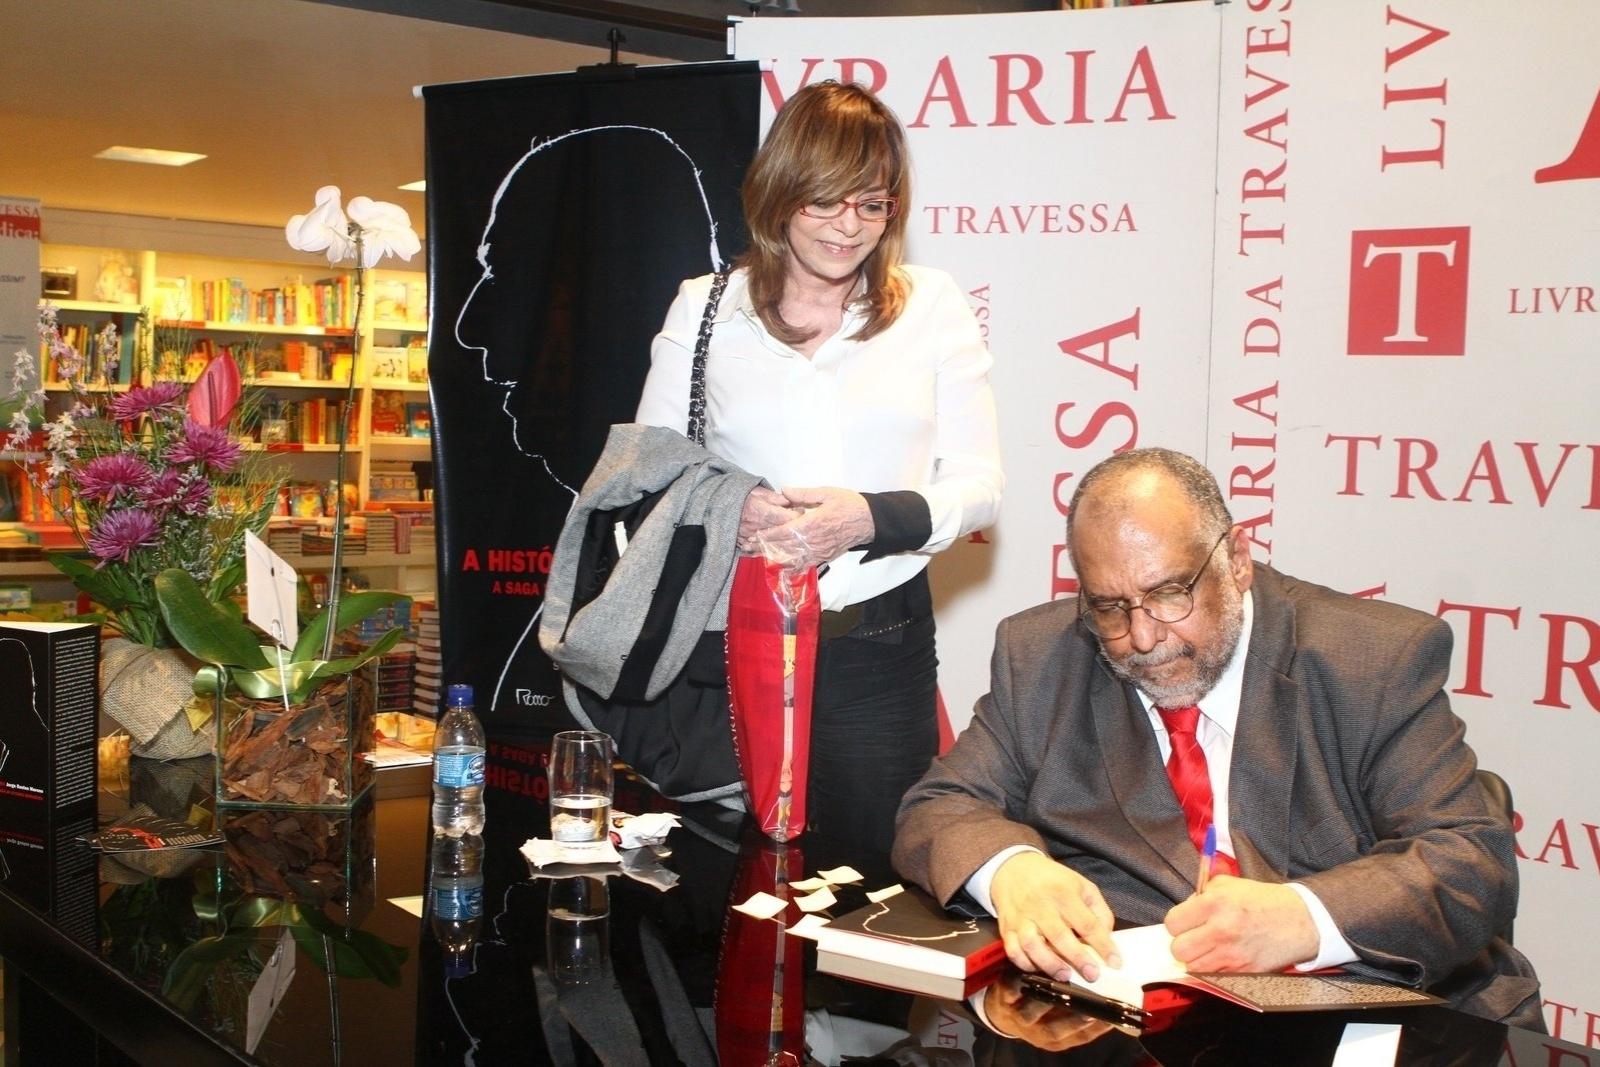 5.ago.2013 - A autora Gloria Perez prestigia o jornalista Jorge Bastos Moreno na sessão de autógrafos do livro